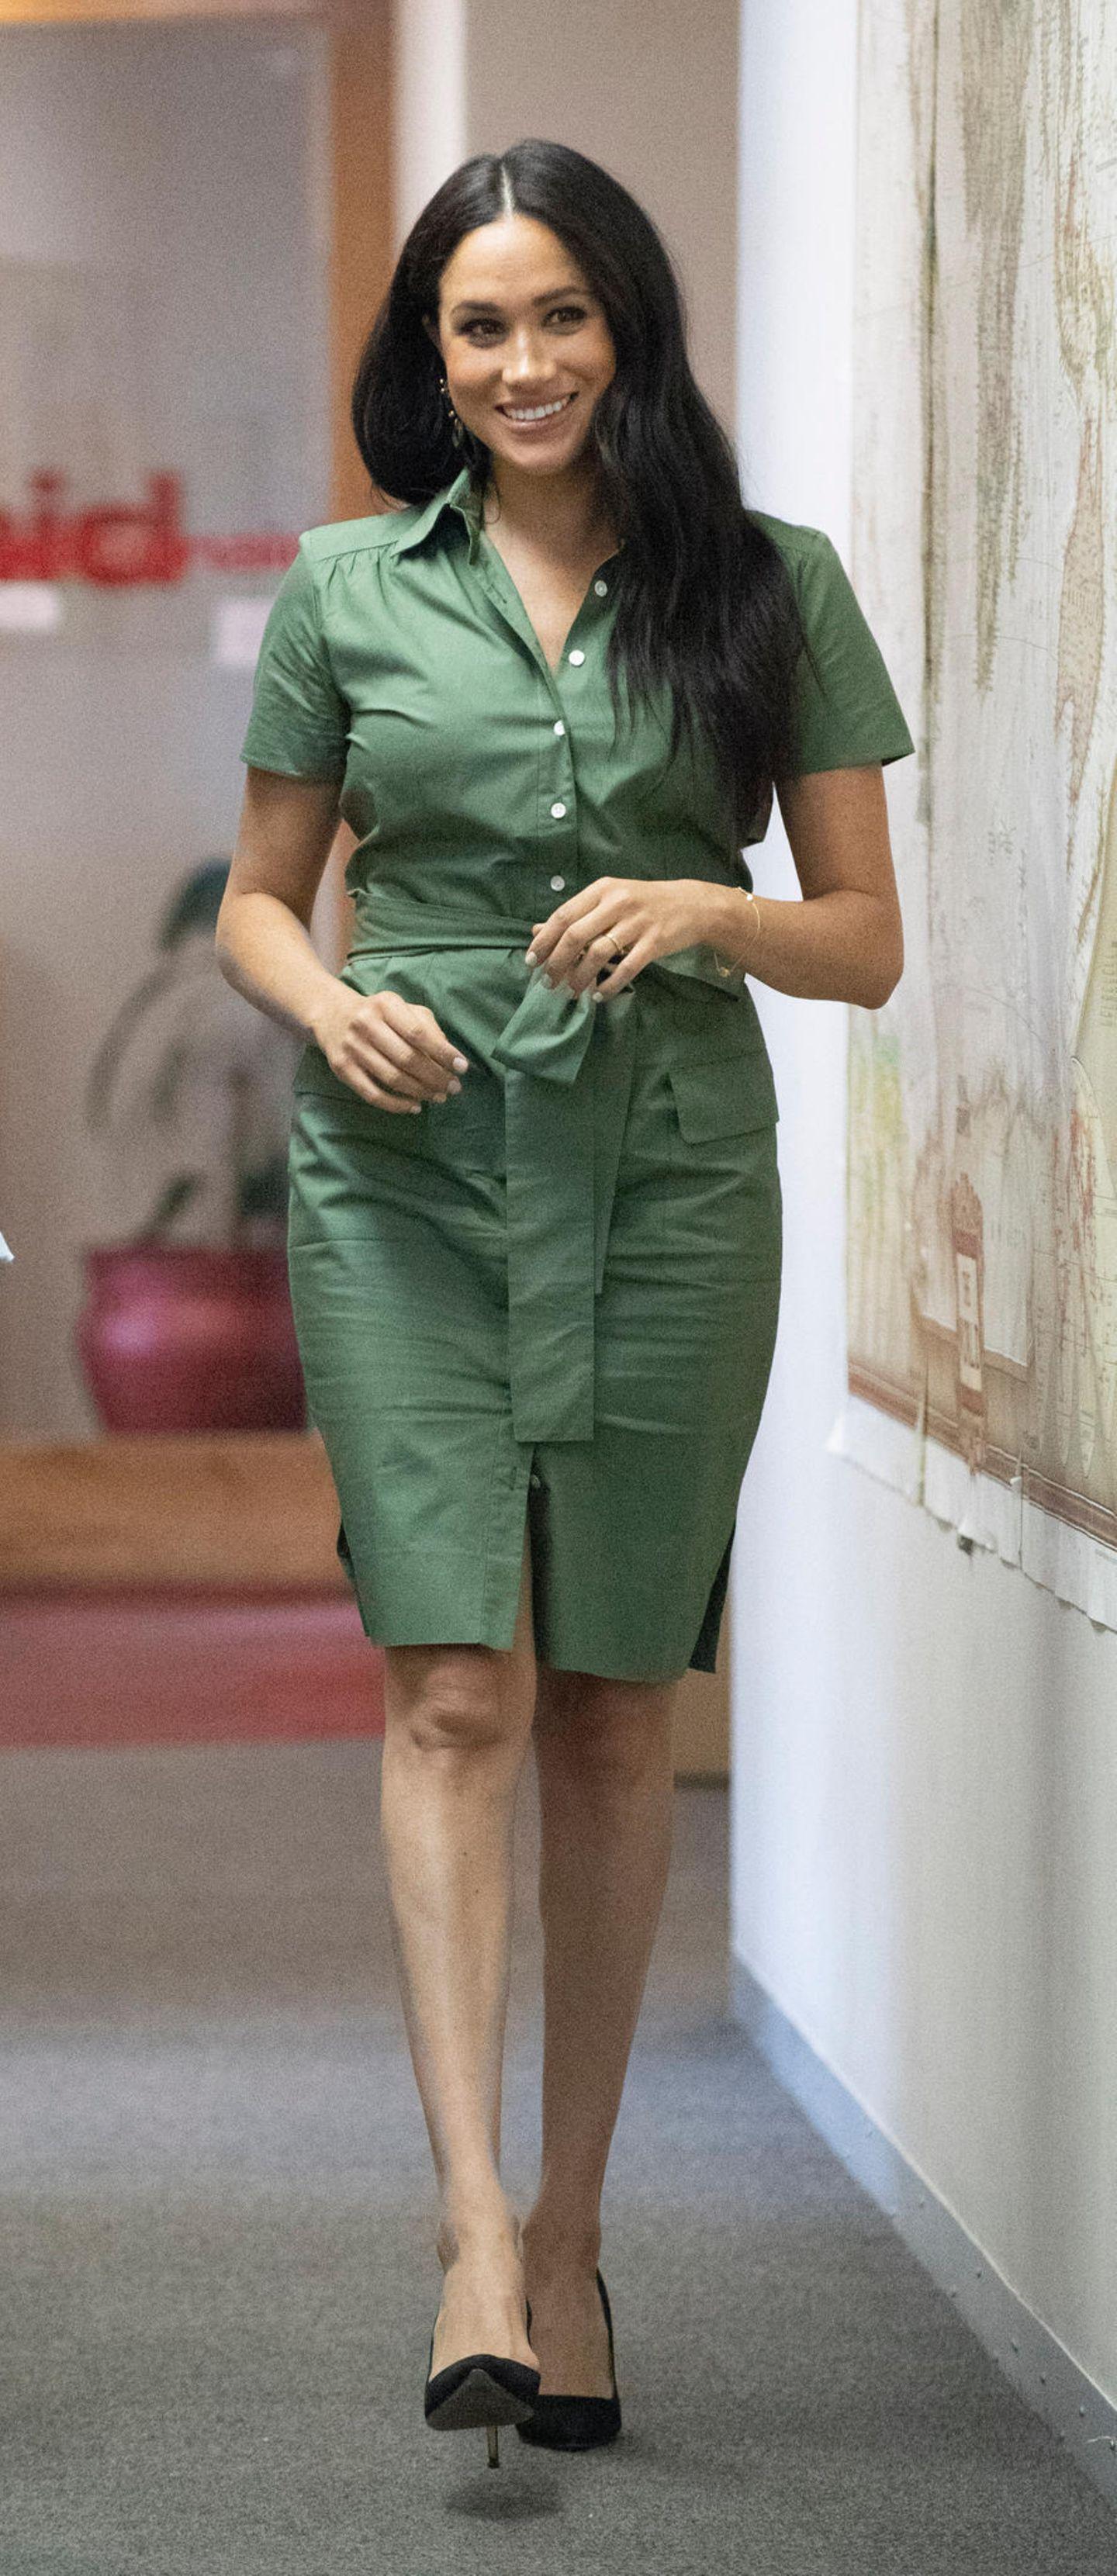 Apropos Hemdblusenkleider: Hier kommt der Beweis, dass Meghan dem Fashion-Piece komplett verfallen ist. Diese militärgrüne Modell schmeichelt vor allem dem Teint der Royal.